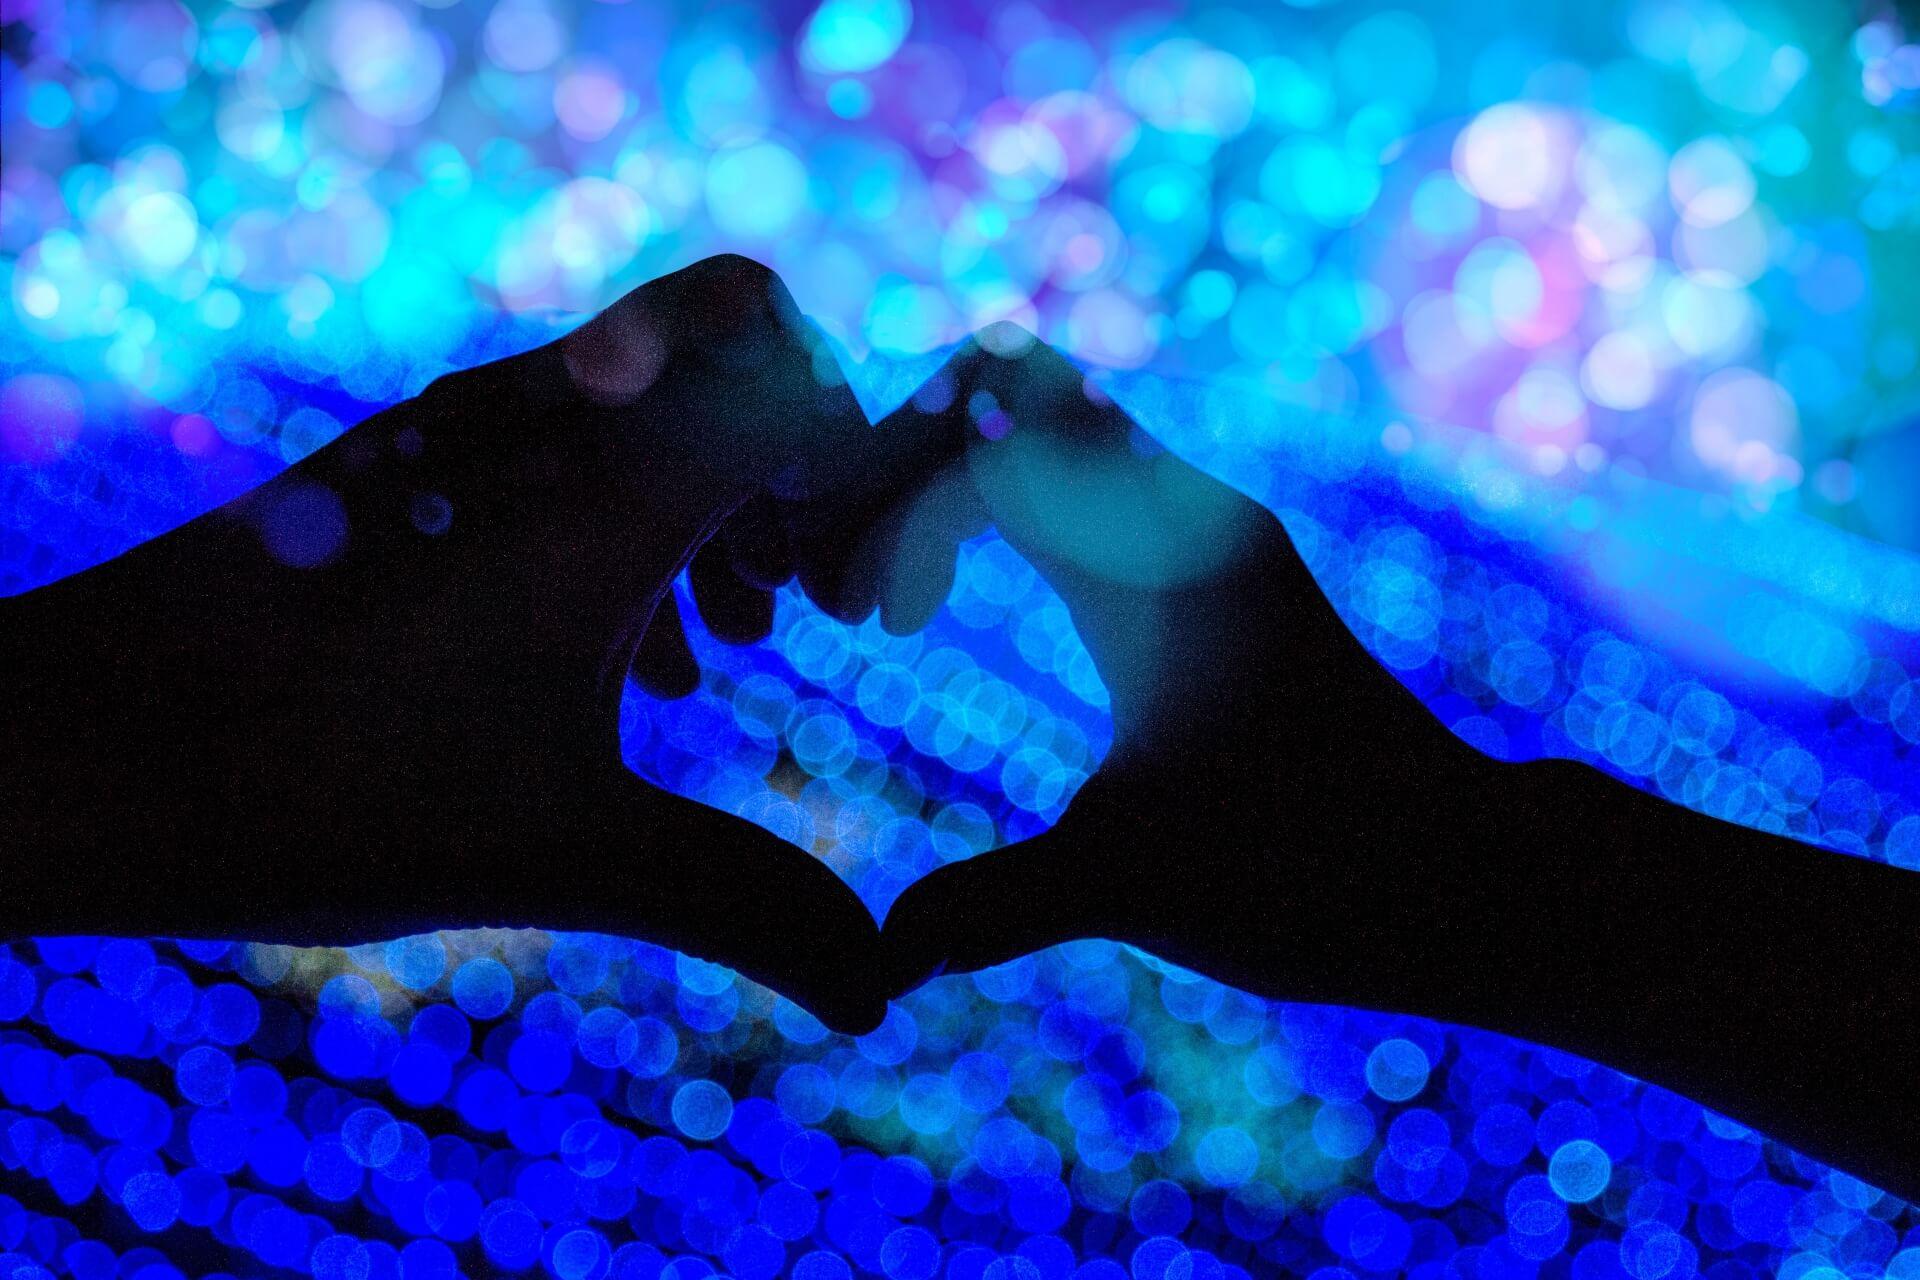 恋占い|クリスマス、お正月…これから三ヶ月で二人は親密になれる?